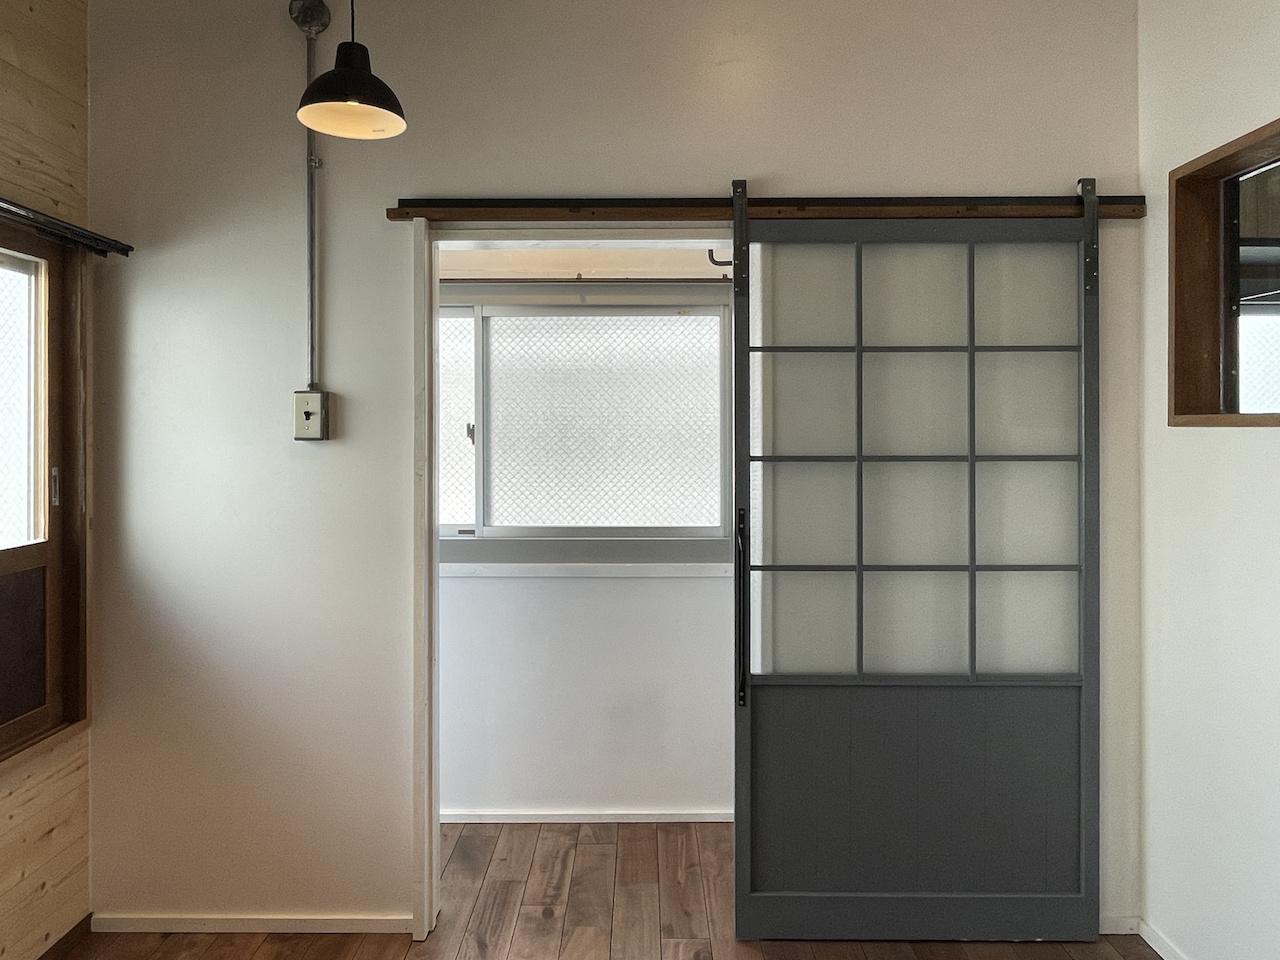 扉の先は収納になります。(別部屋の写真ですので、窓はございません。)